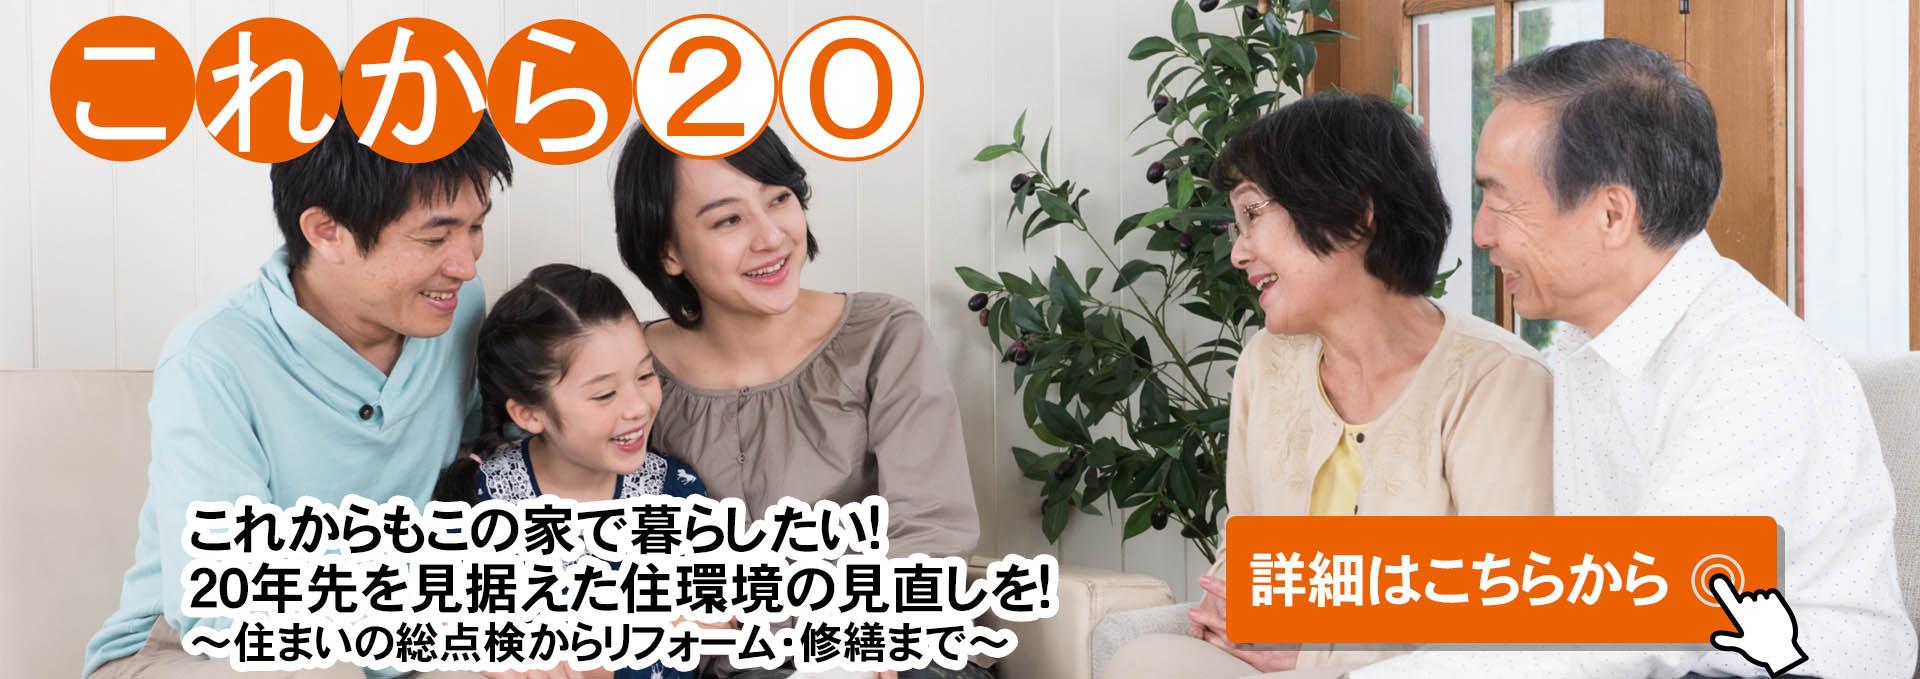 これから20年先の住まいを見据えた総点検、リフォーム、修繕。埼玉県狭山市でリフォームするなら指田建設へ。